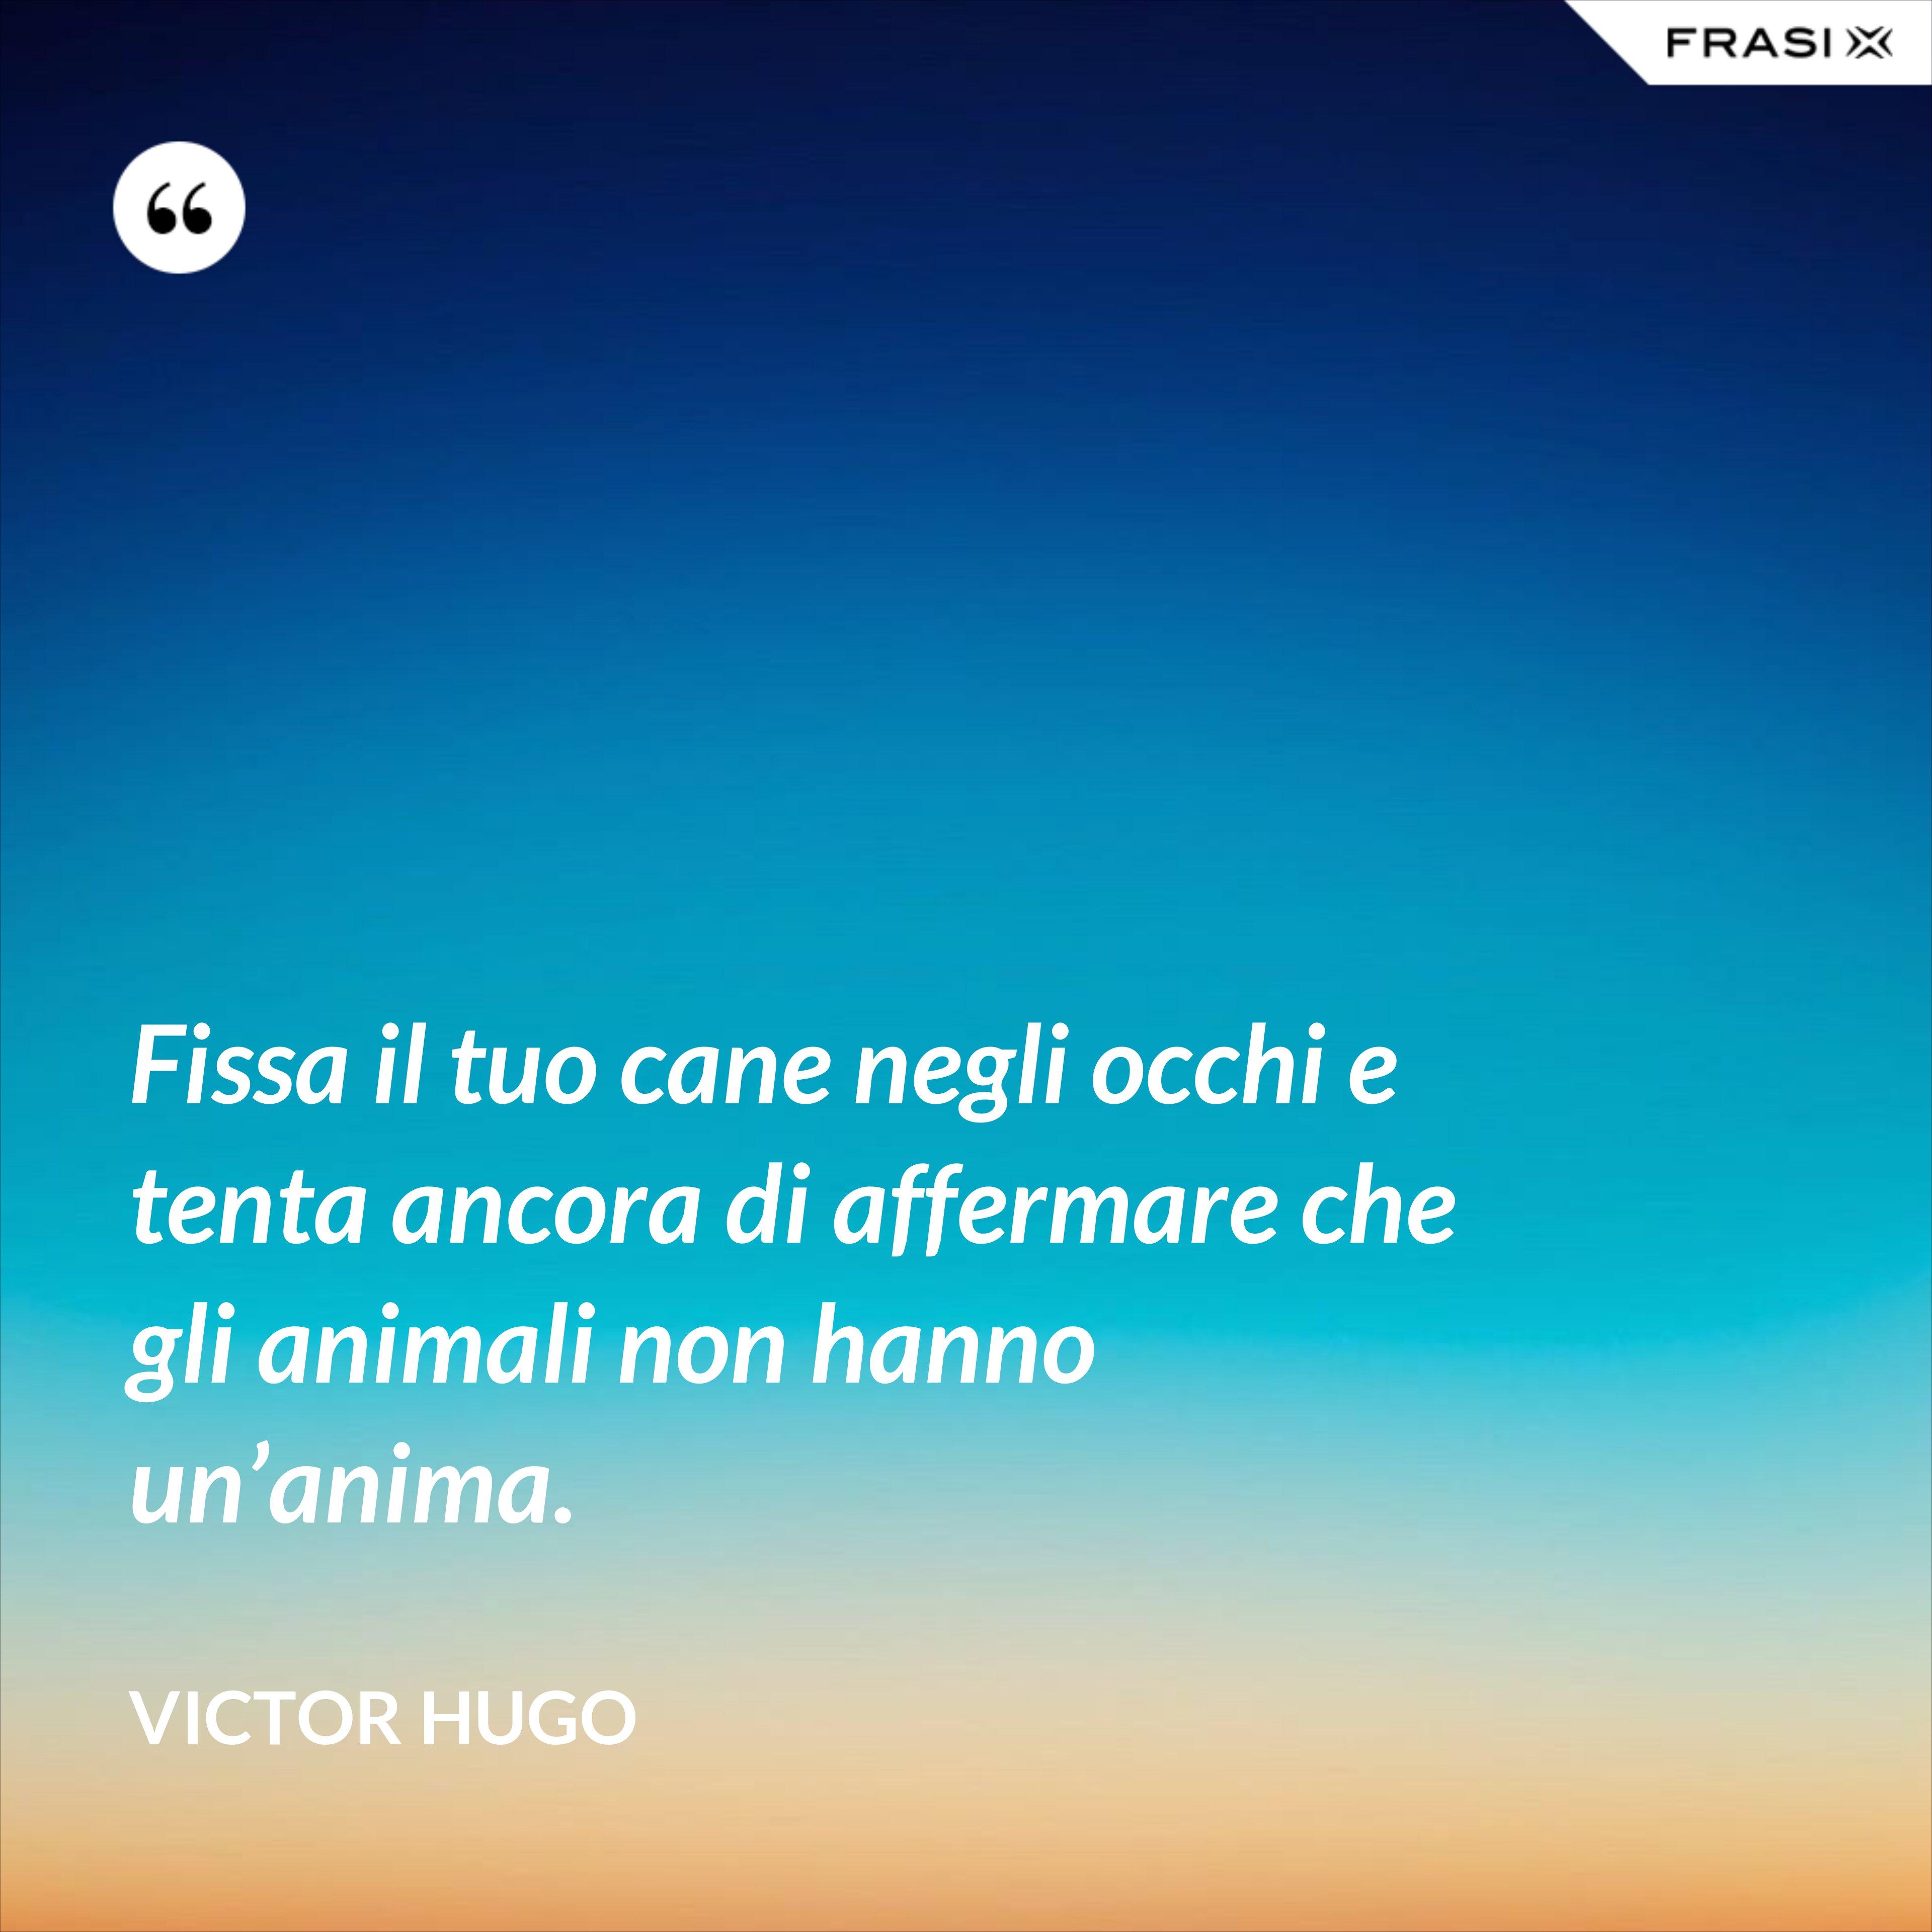 Fissa il tuo cane negli occhi e tenta ancora di affermare che gli animali non hanno un'anima. - Victor Hugo